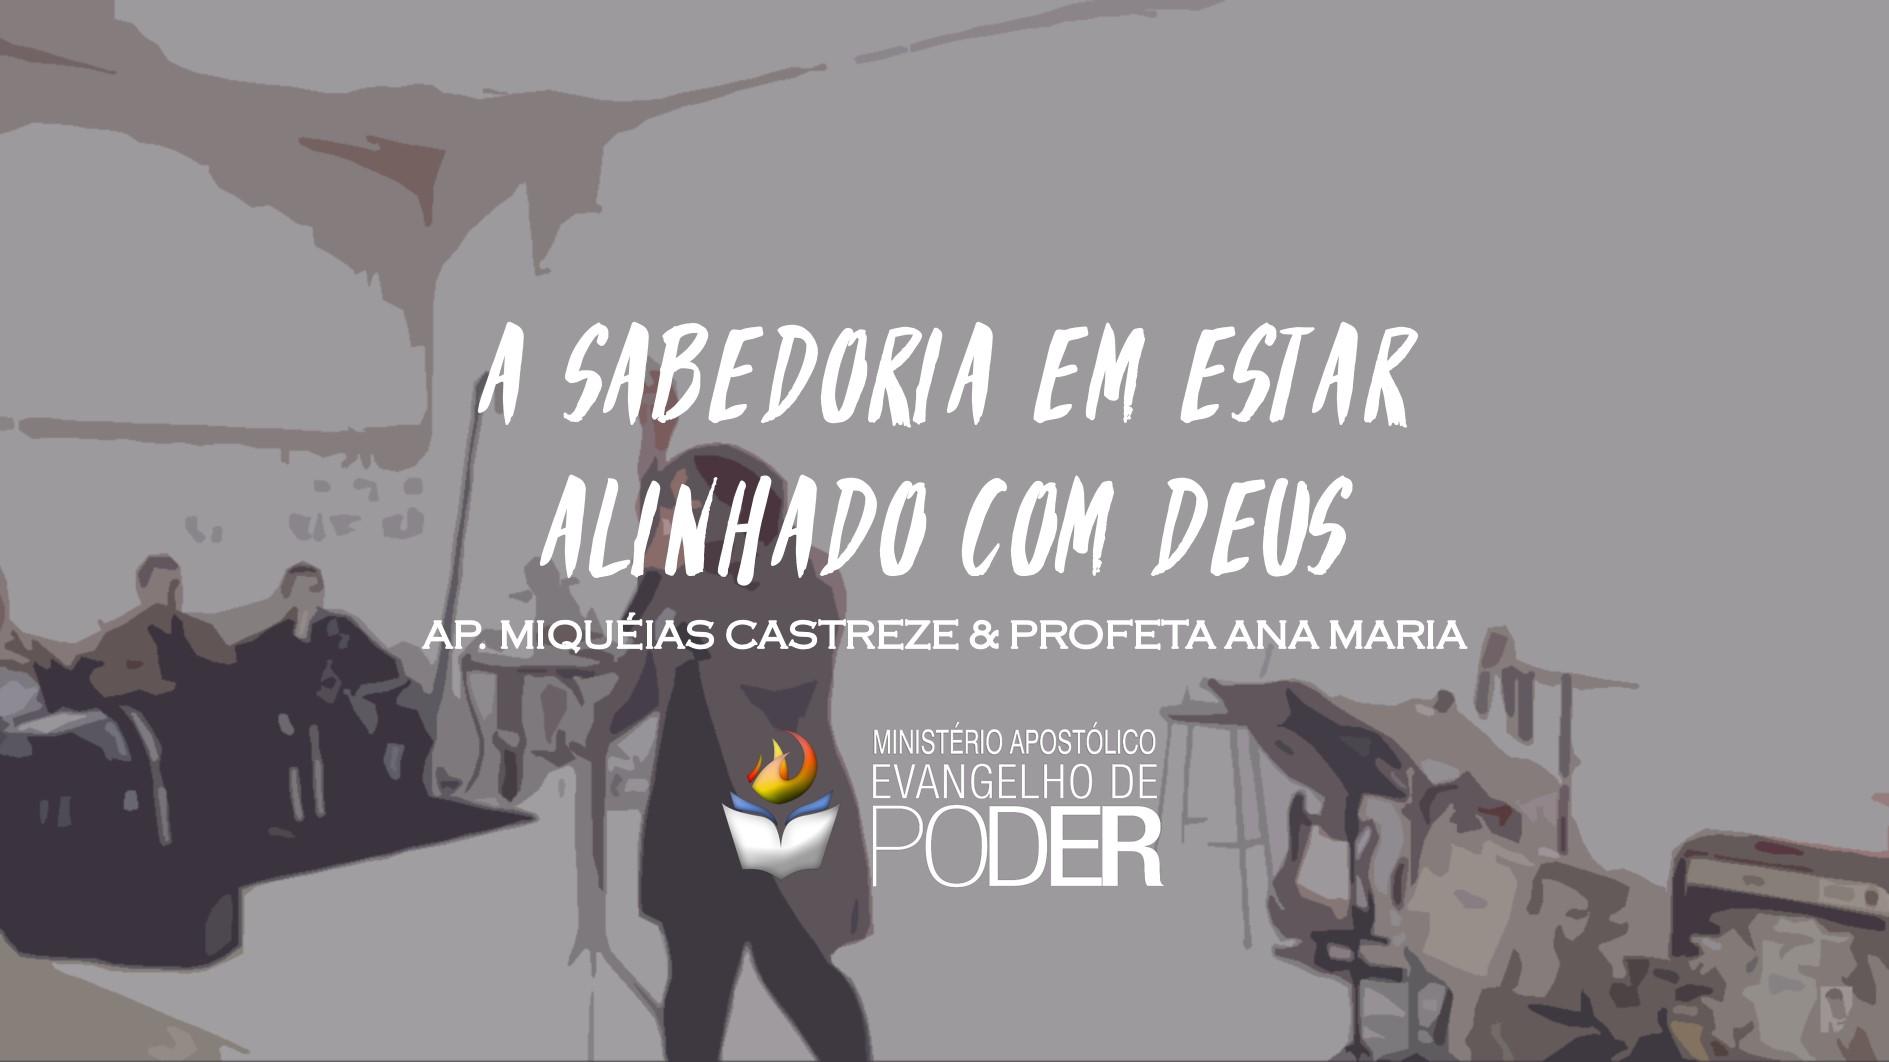 A SABEDORIA EM ESTAR ALINHADO COM DEUS - AP. MIQUÉIAS CASTREZE & PROFETA ANA MARIA